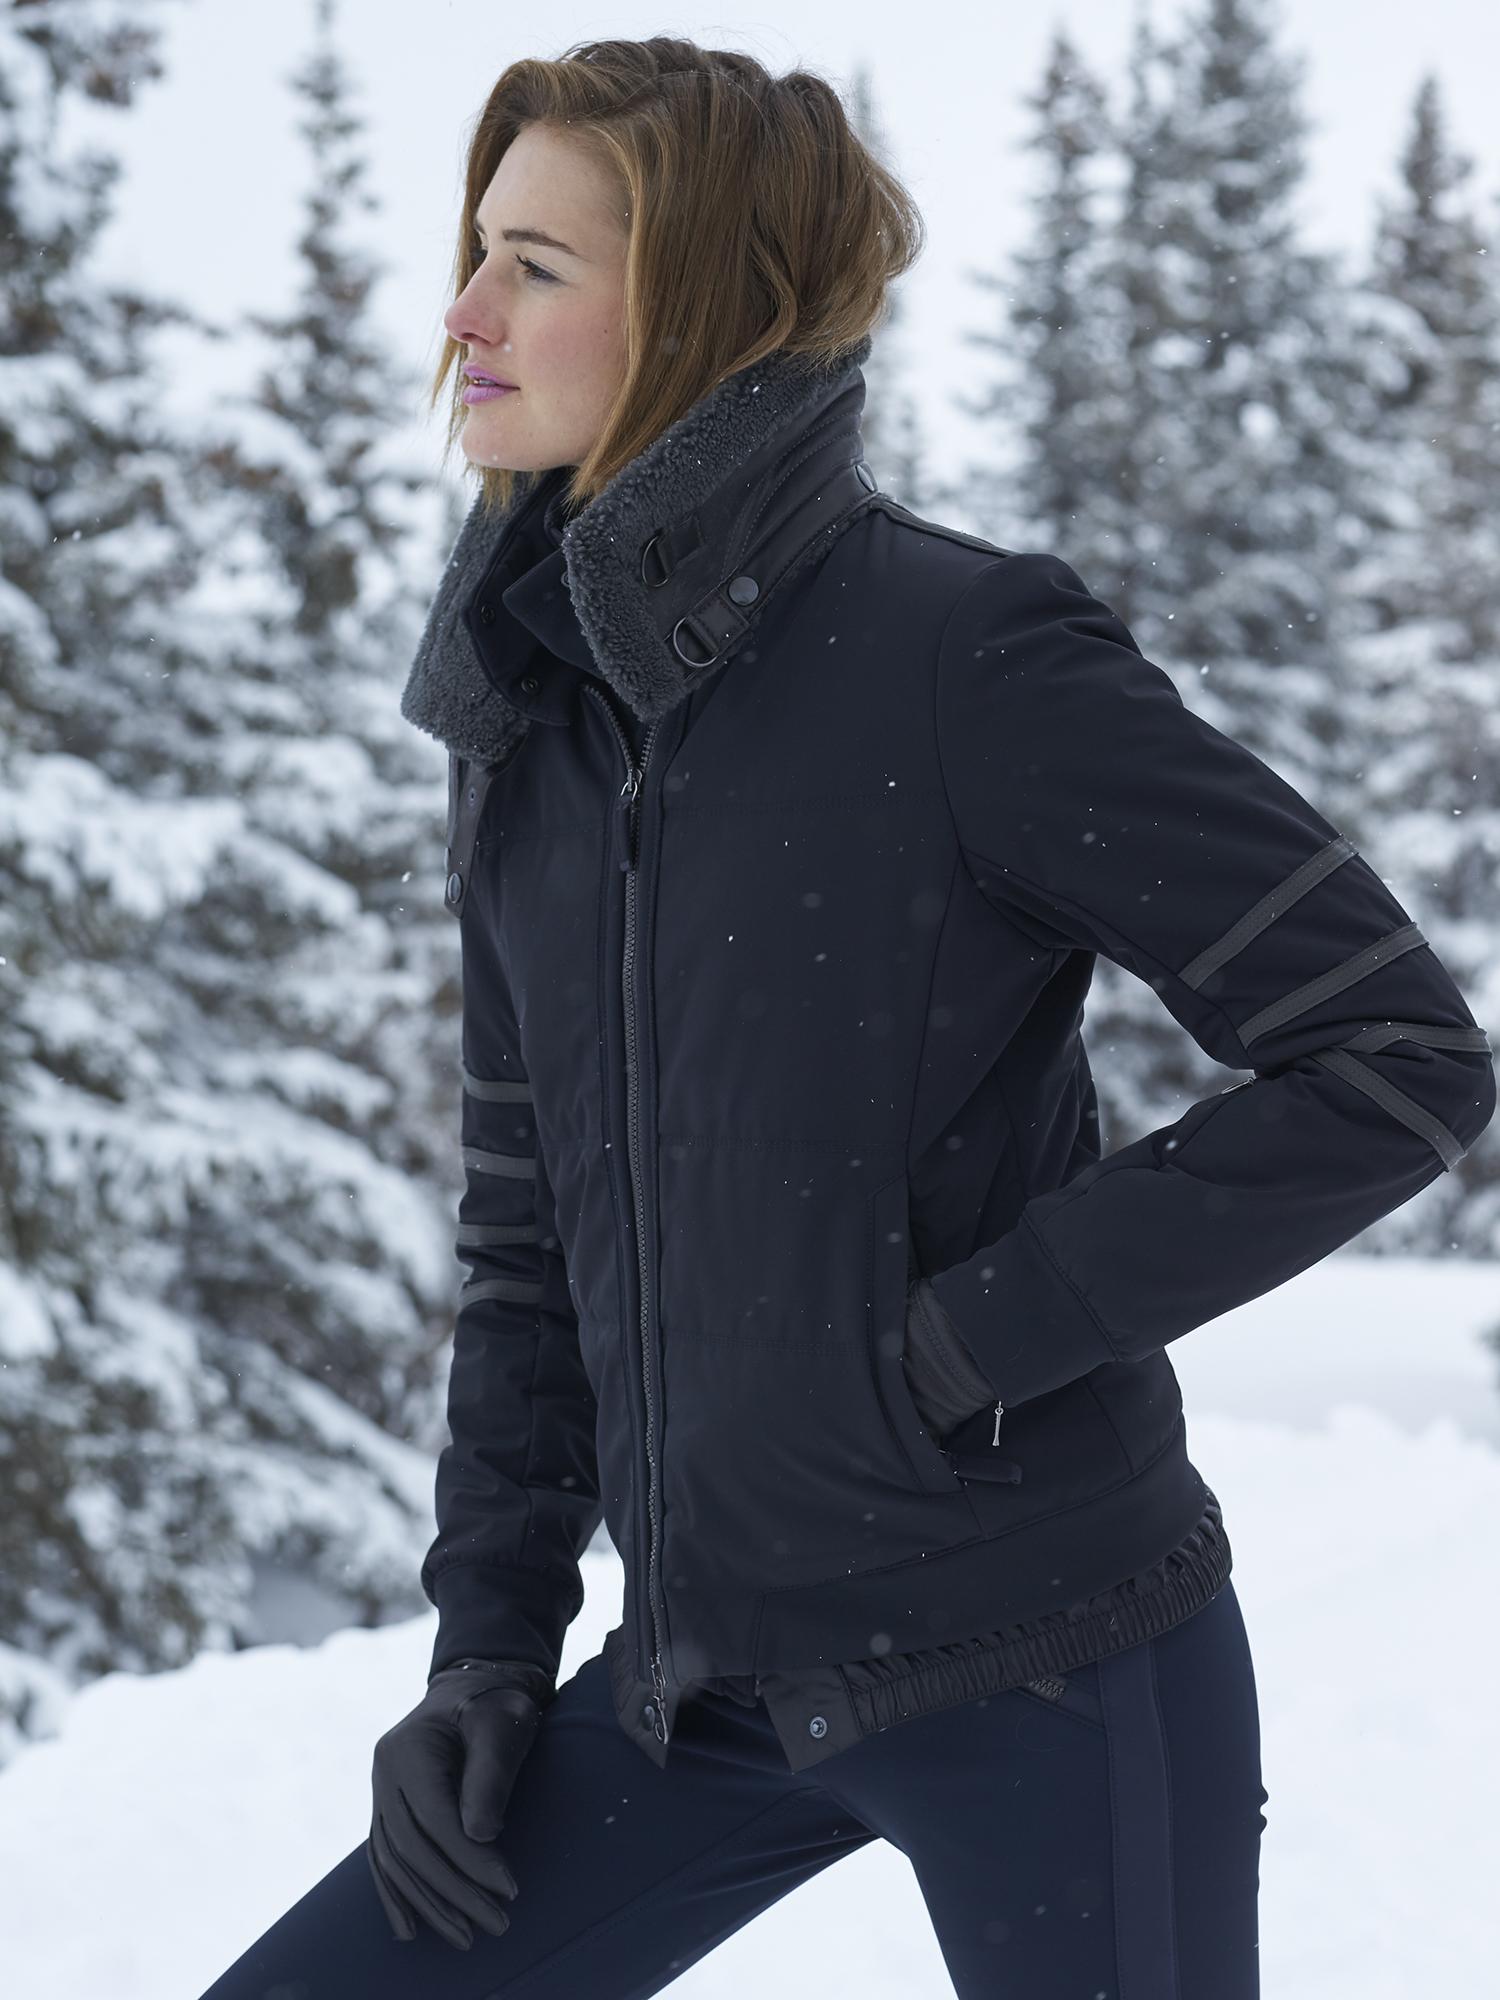 671e16b86 Ski Wear - Gorsuch